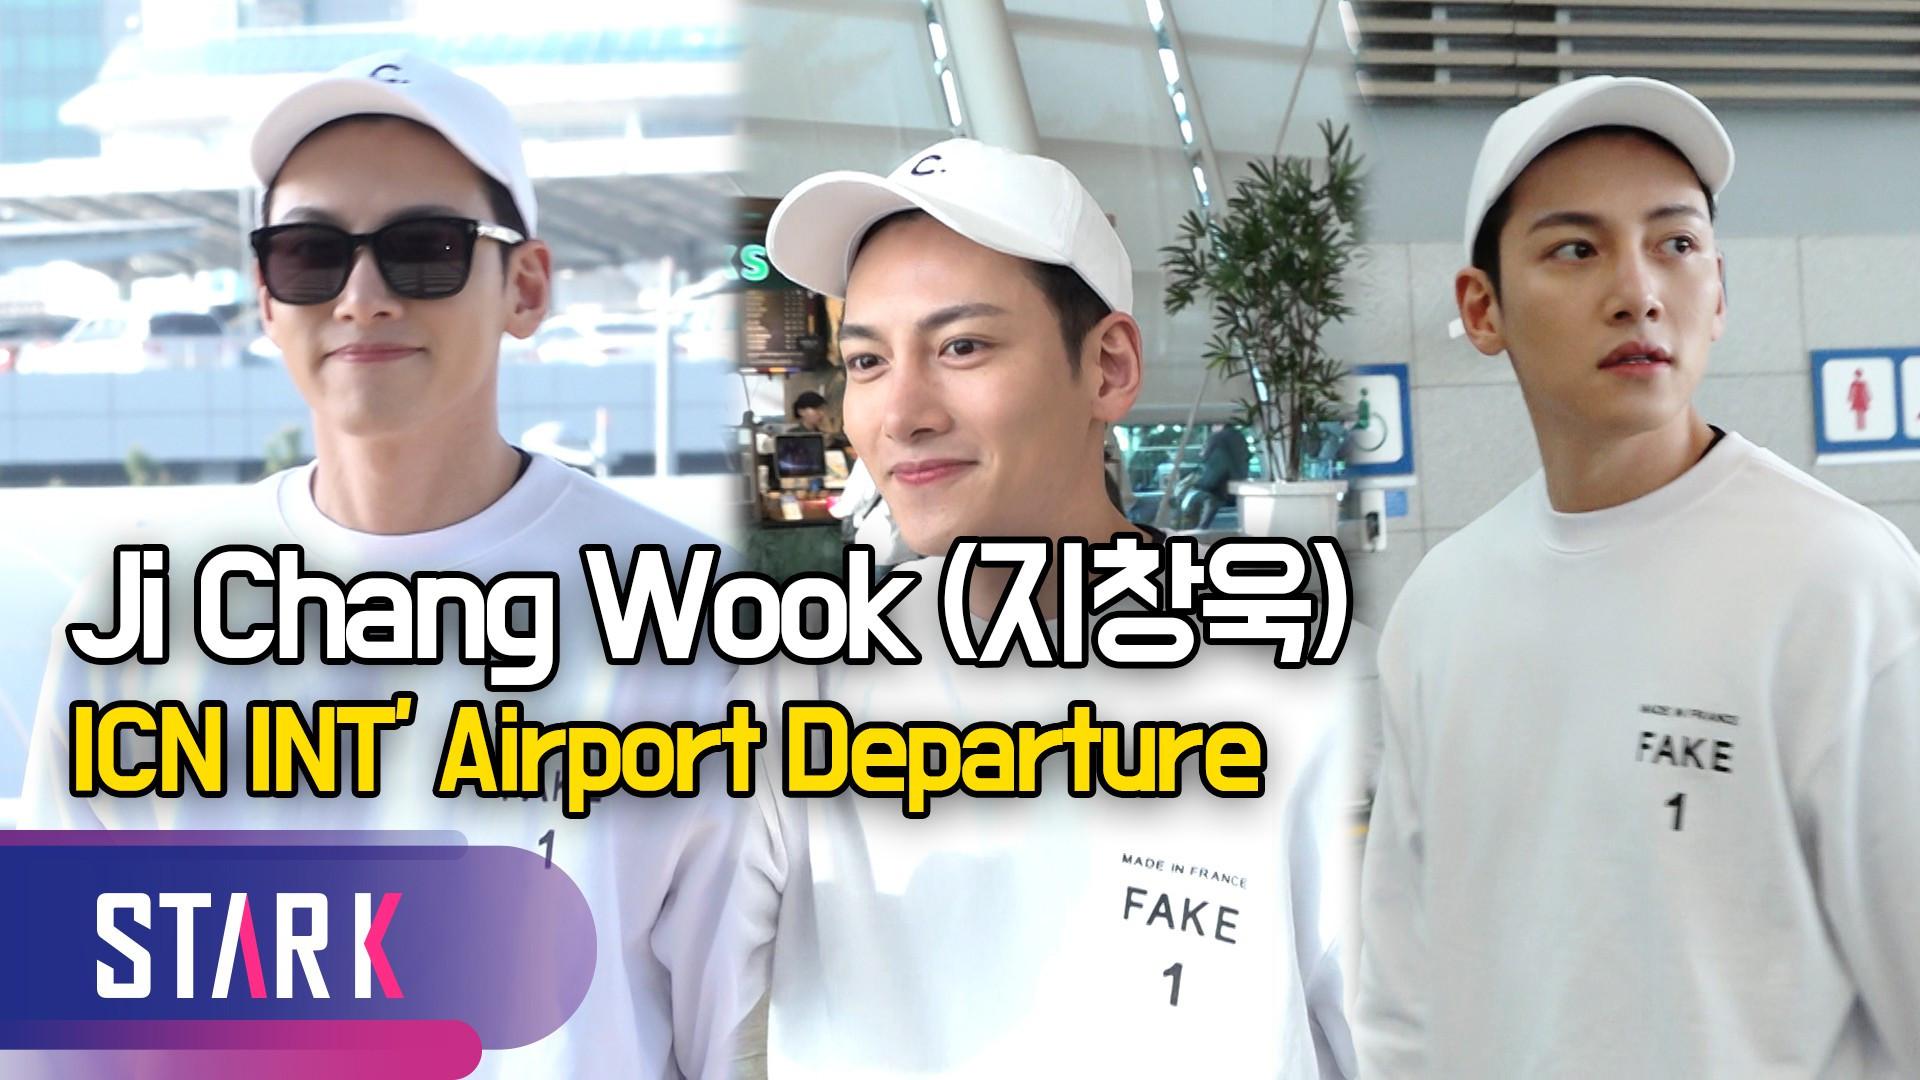 Ji Chang Wook xuất hiện tỏa sáng tại sân bay khiến fan tự hỏi Quân ngũ Hàn Quốc là nơi tu nhan sắc à?